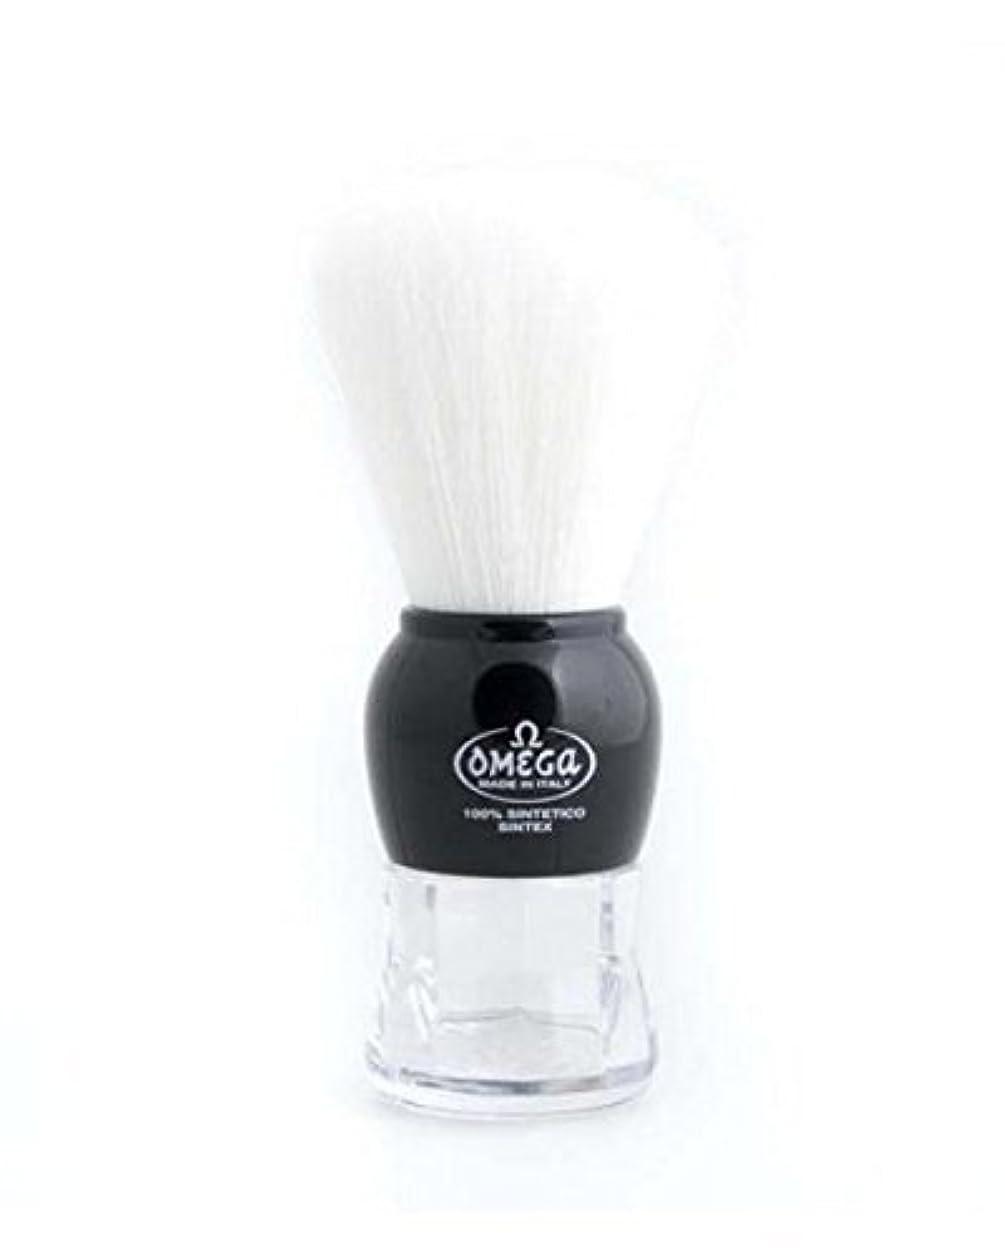 優遇ギャラリー言語Omega Shaving Brush # 90072 100% Synthetic Syntex BLACK [並行輸入品]